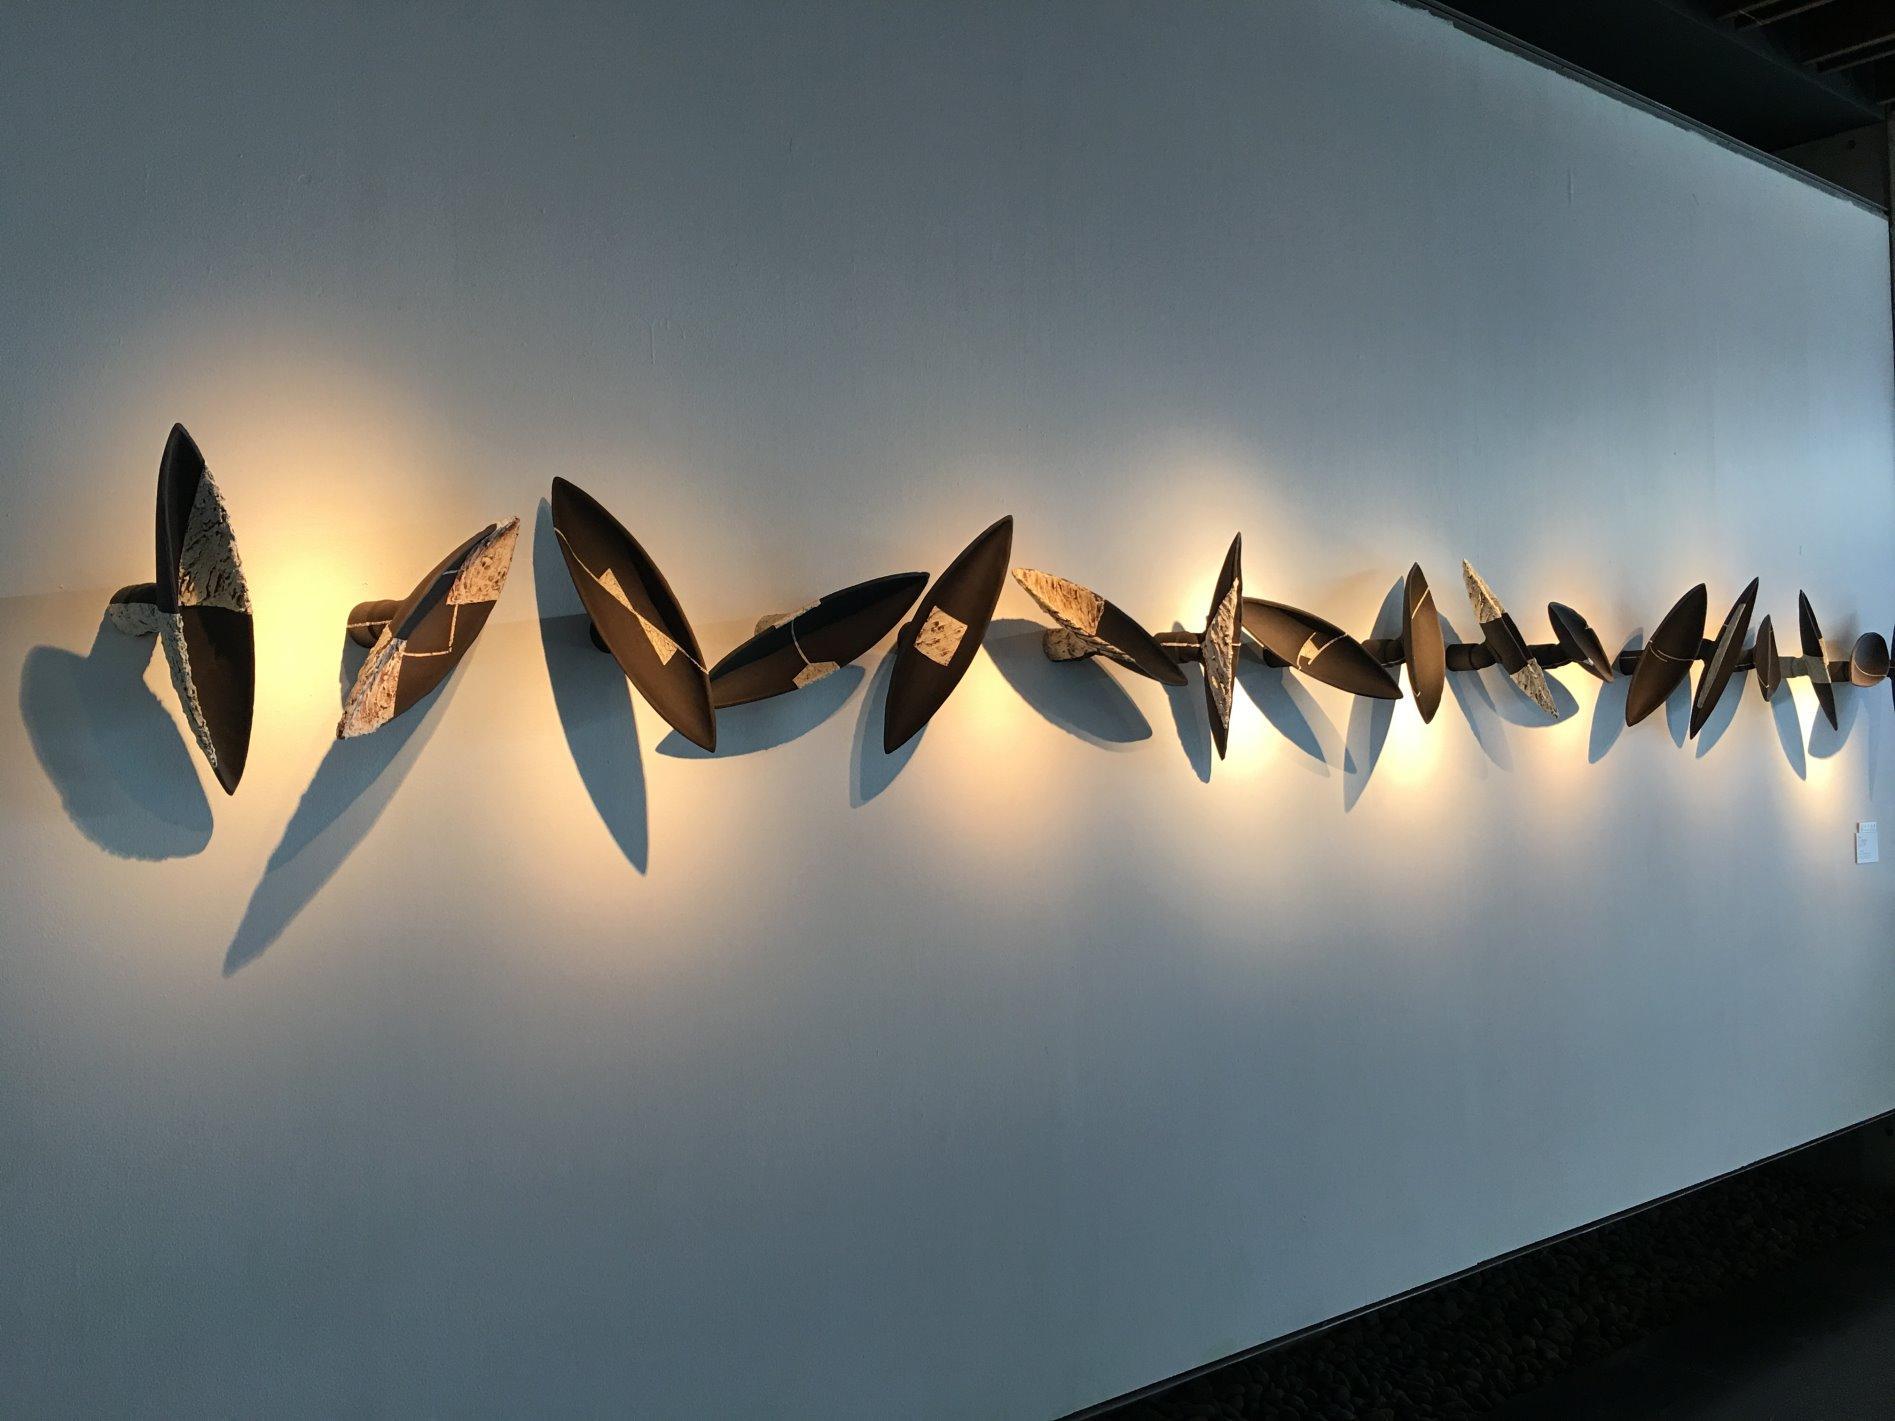 梁家豪老師作品-2020年獲新北市鶯歌陶瓷博物館典藏